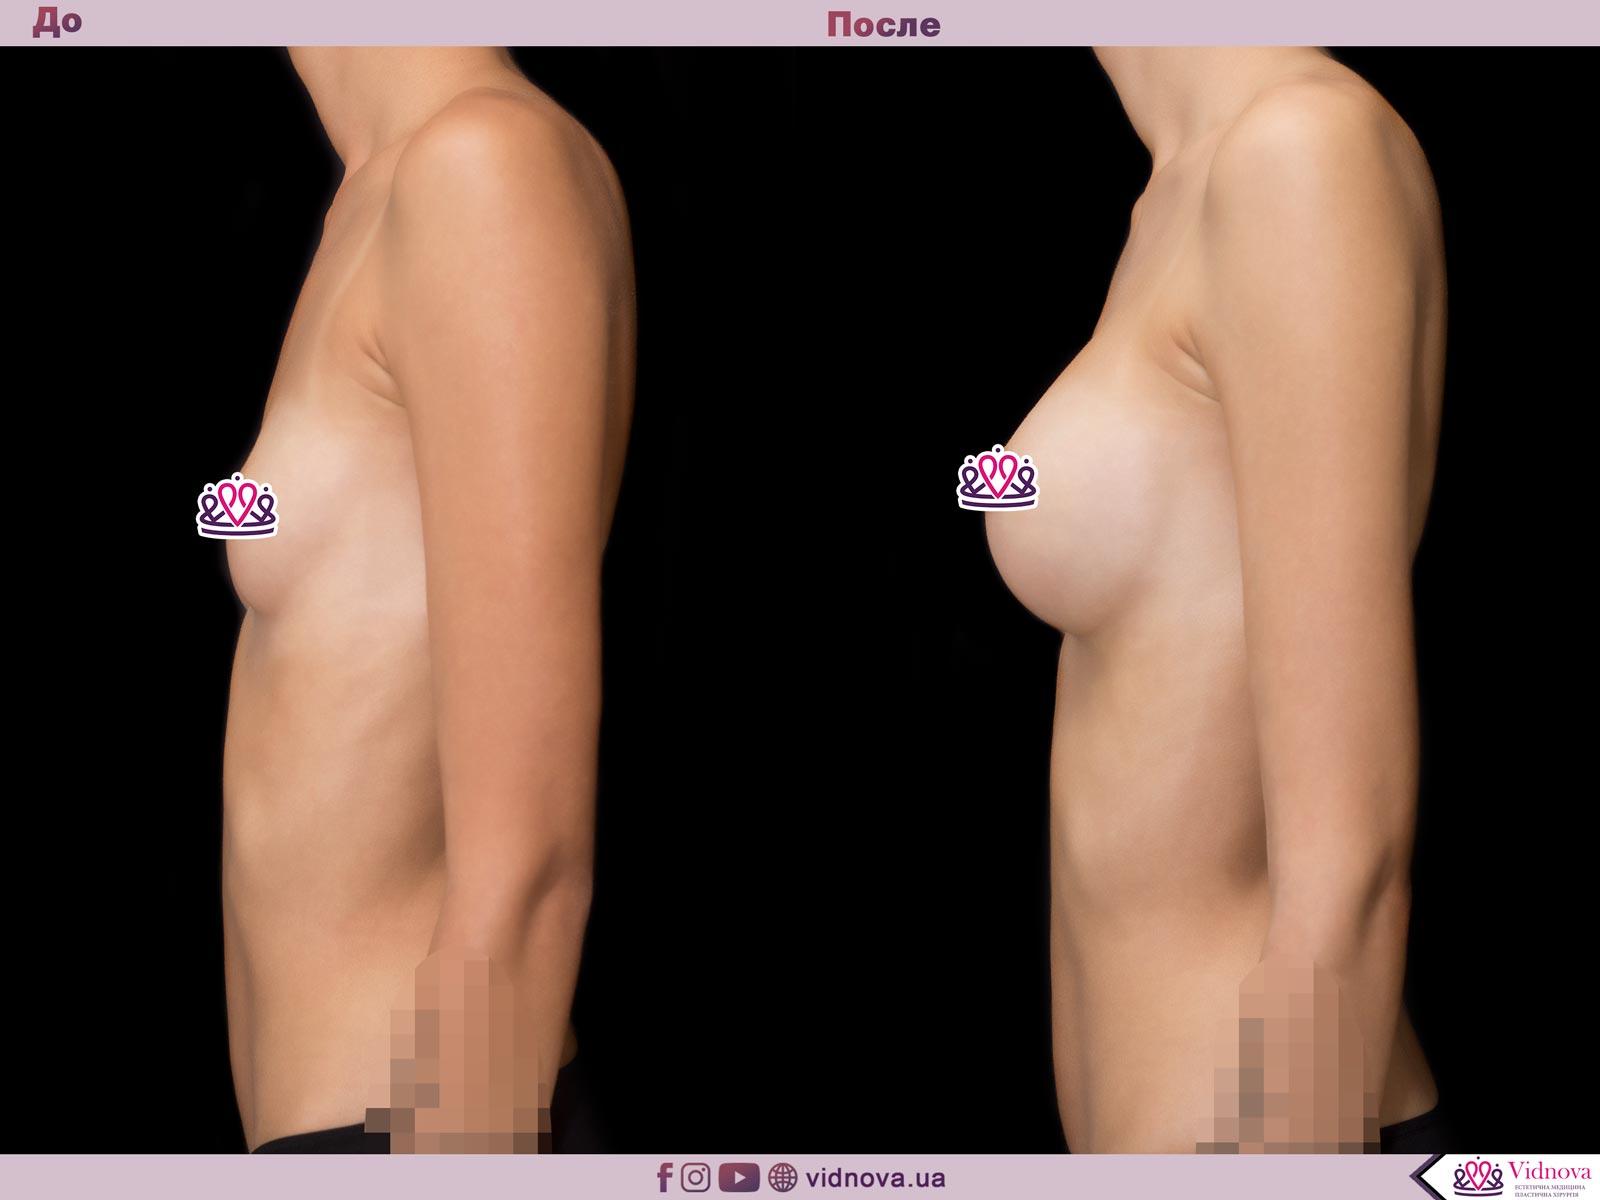 Пластика груди: результаты до и после - Пример №60-2 - Светлана Работенко